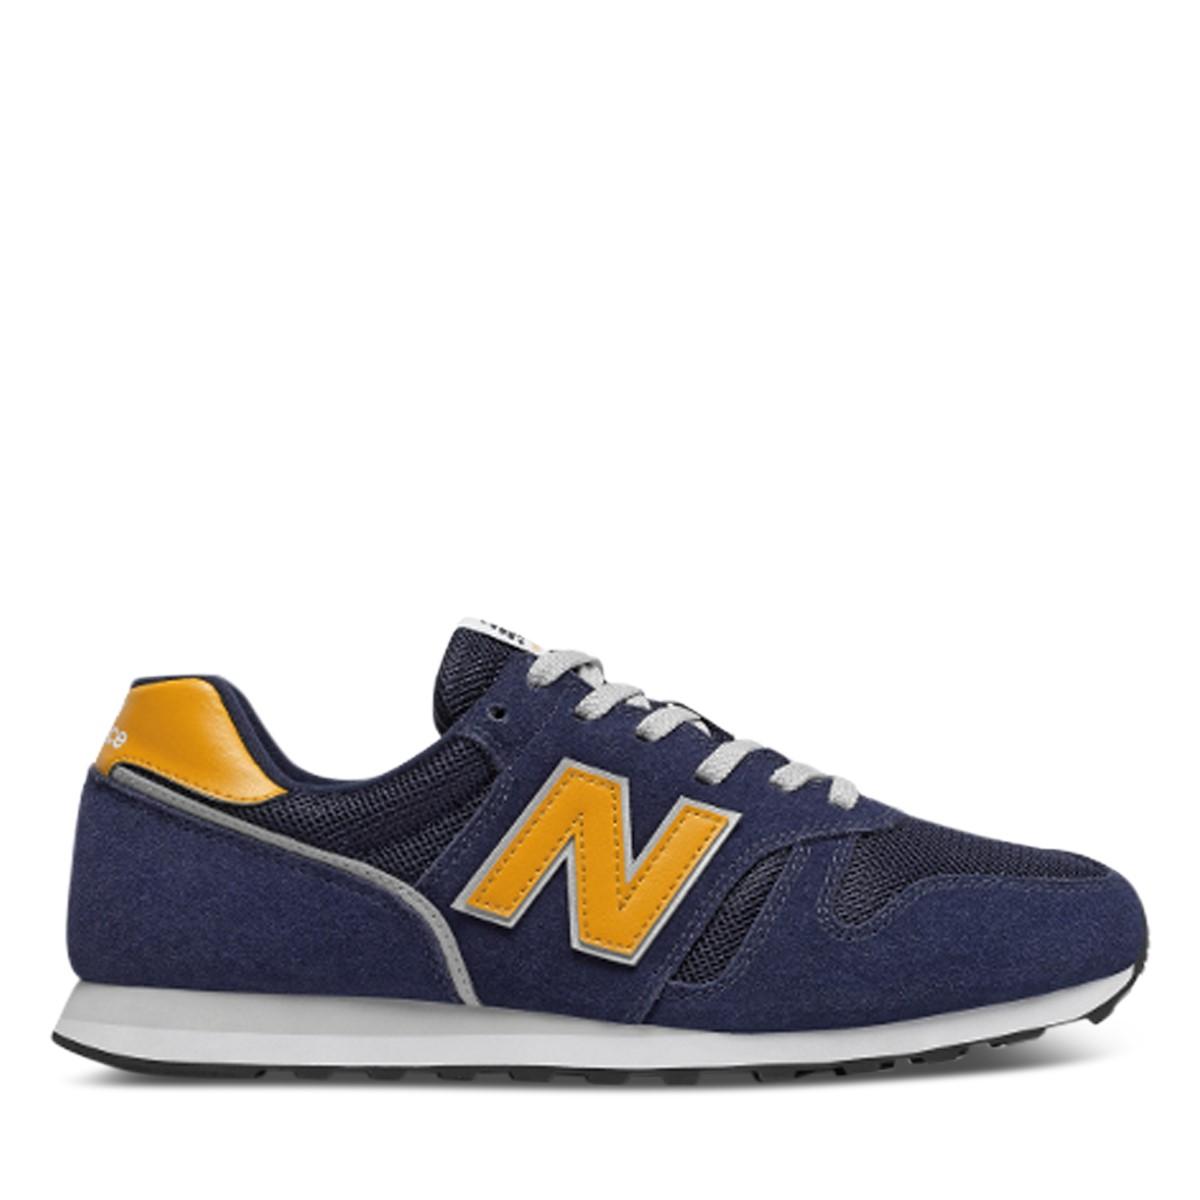 Men's 373 Sneakers in Navy